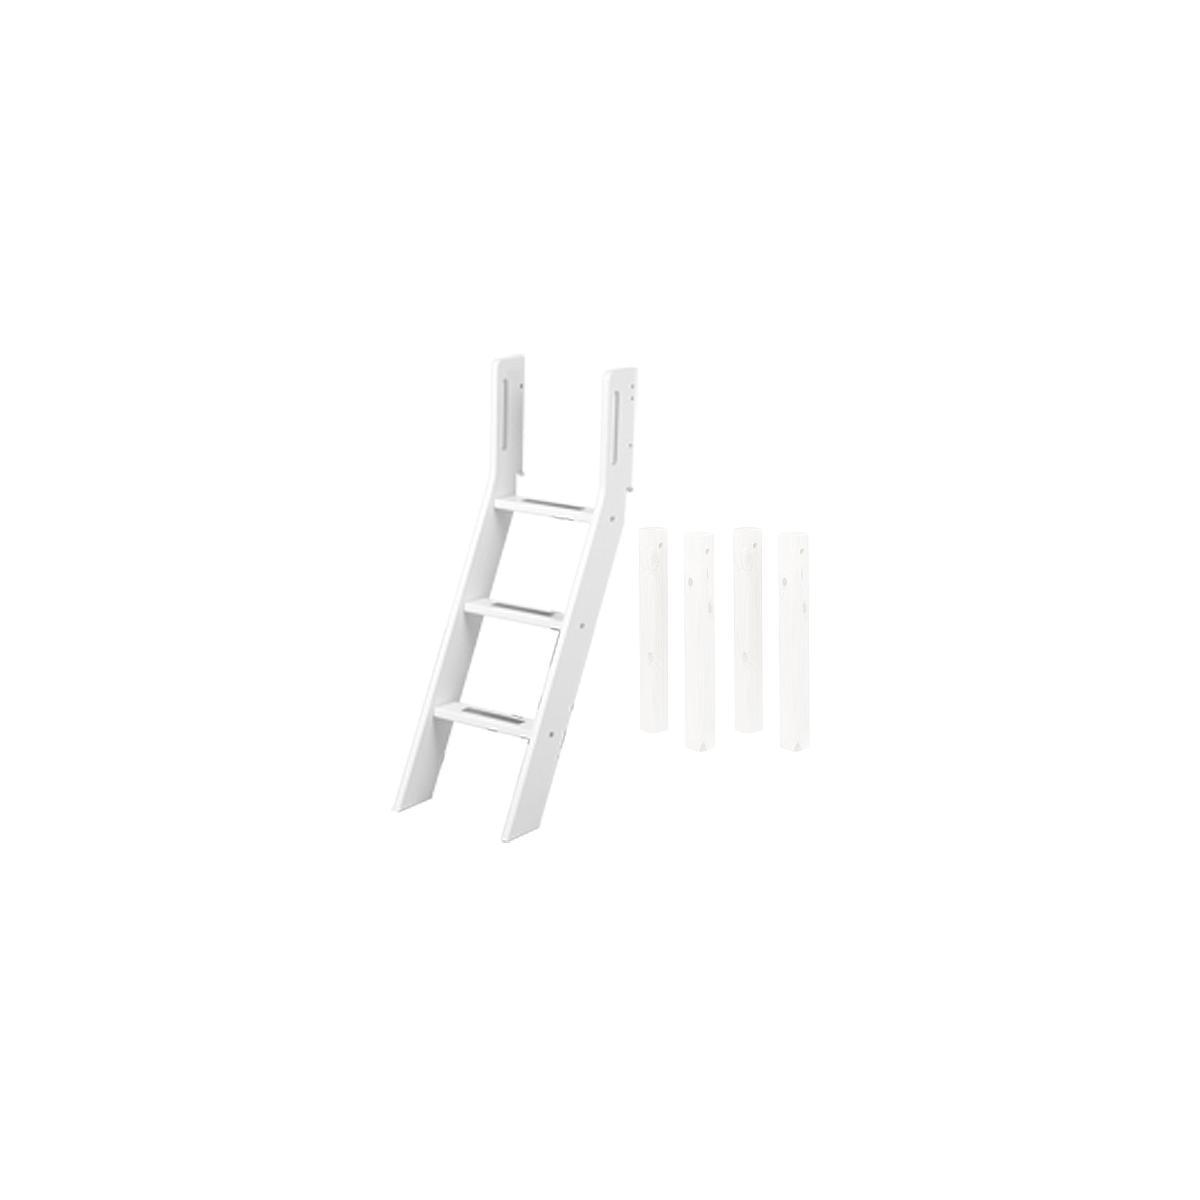 Escalera inclinada y patas Cama media alta WHITE Flexa blancas